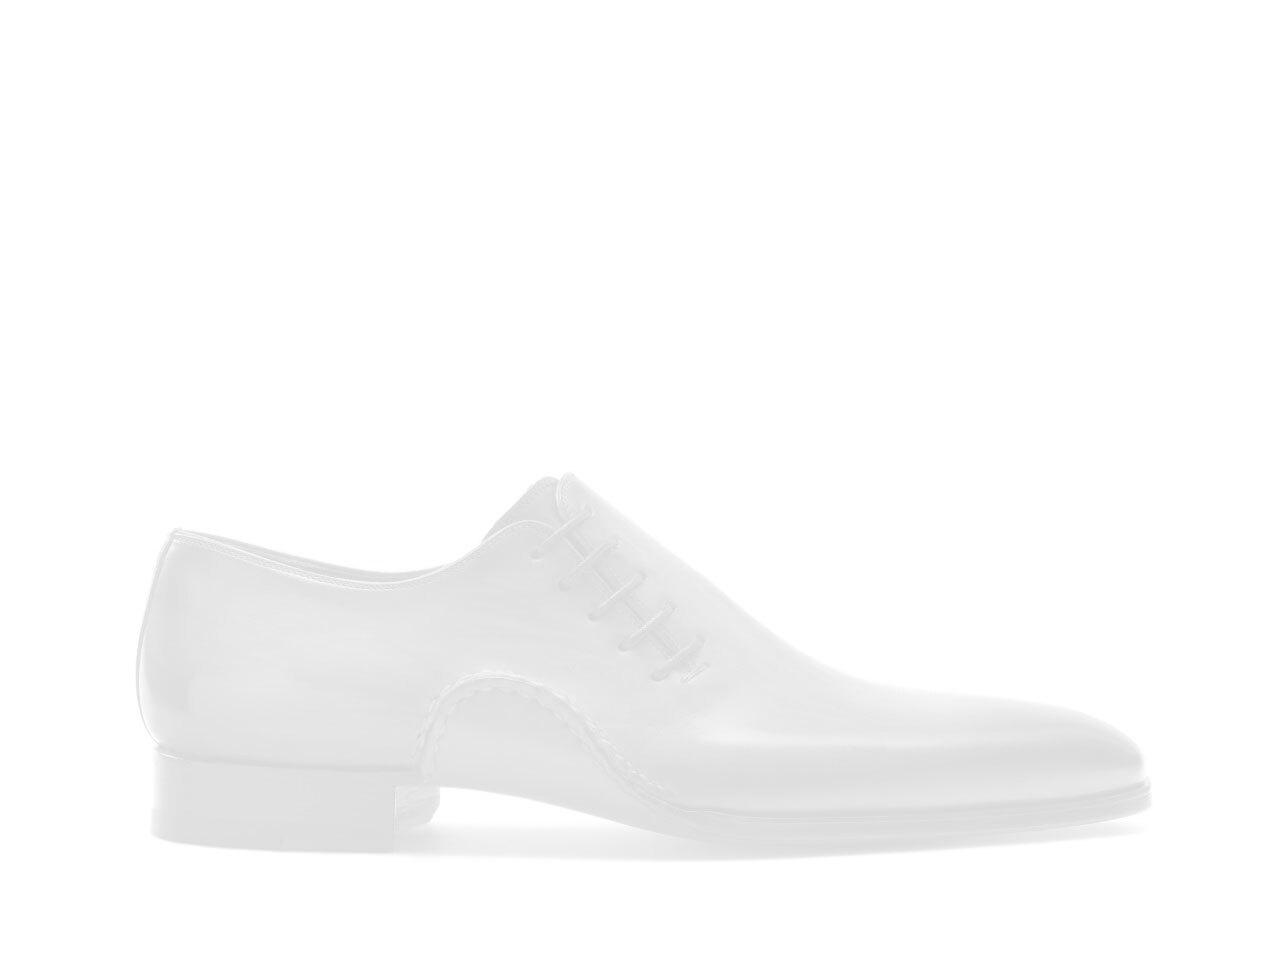 Pair of the Magnanni Ecija Grey Men's Sneakers